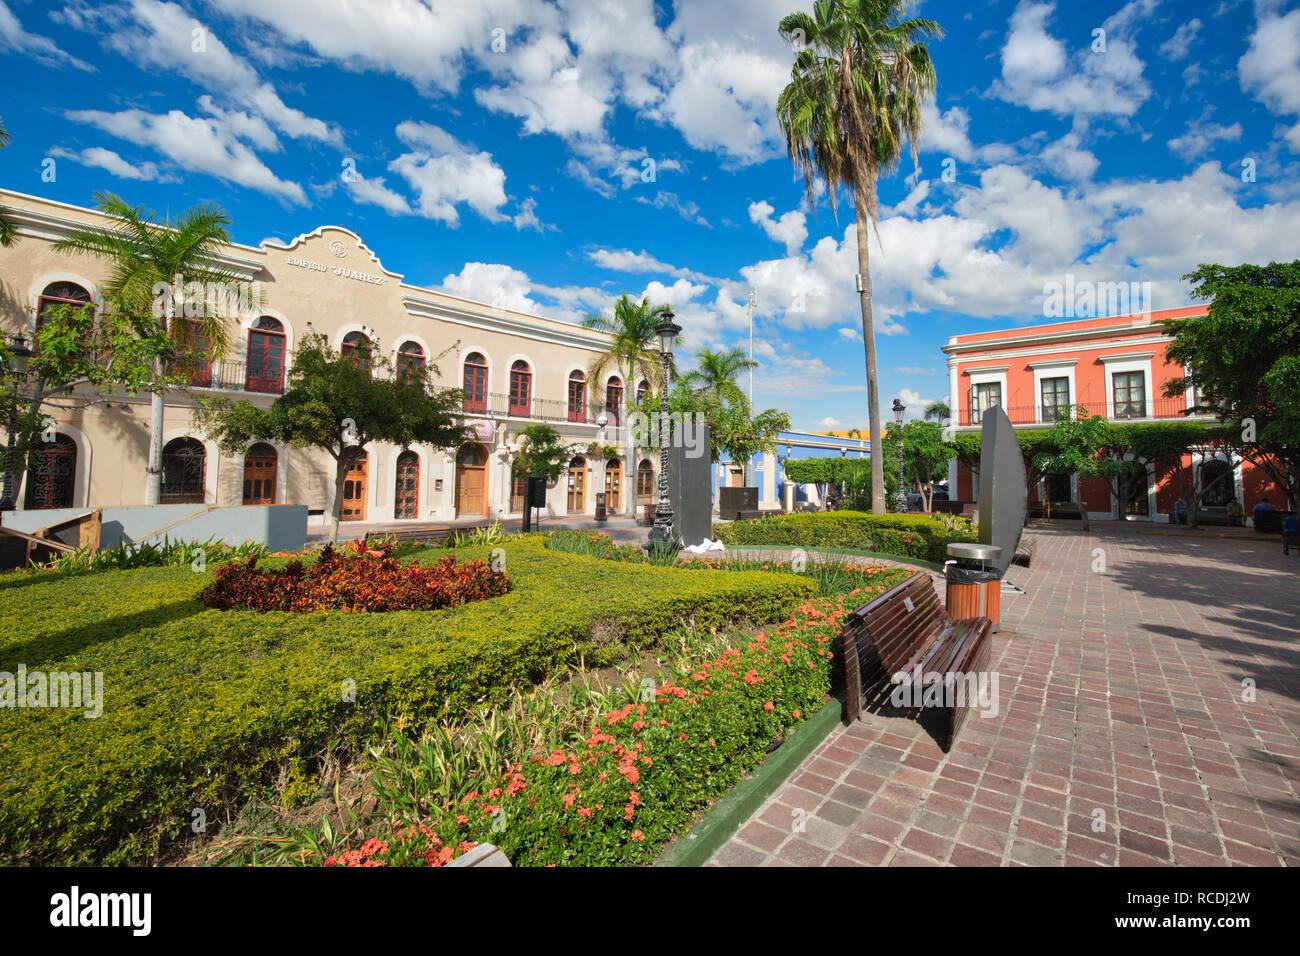 Mazatlan, Mexico-10 December, 2018: Mazatlan Old City central plaza in historic city center Stock Photo